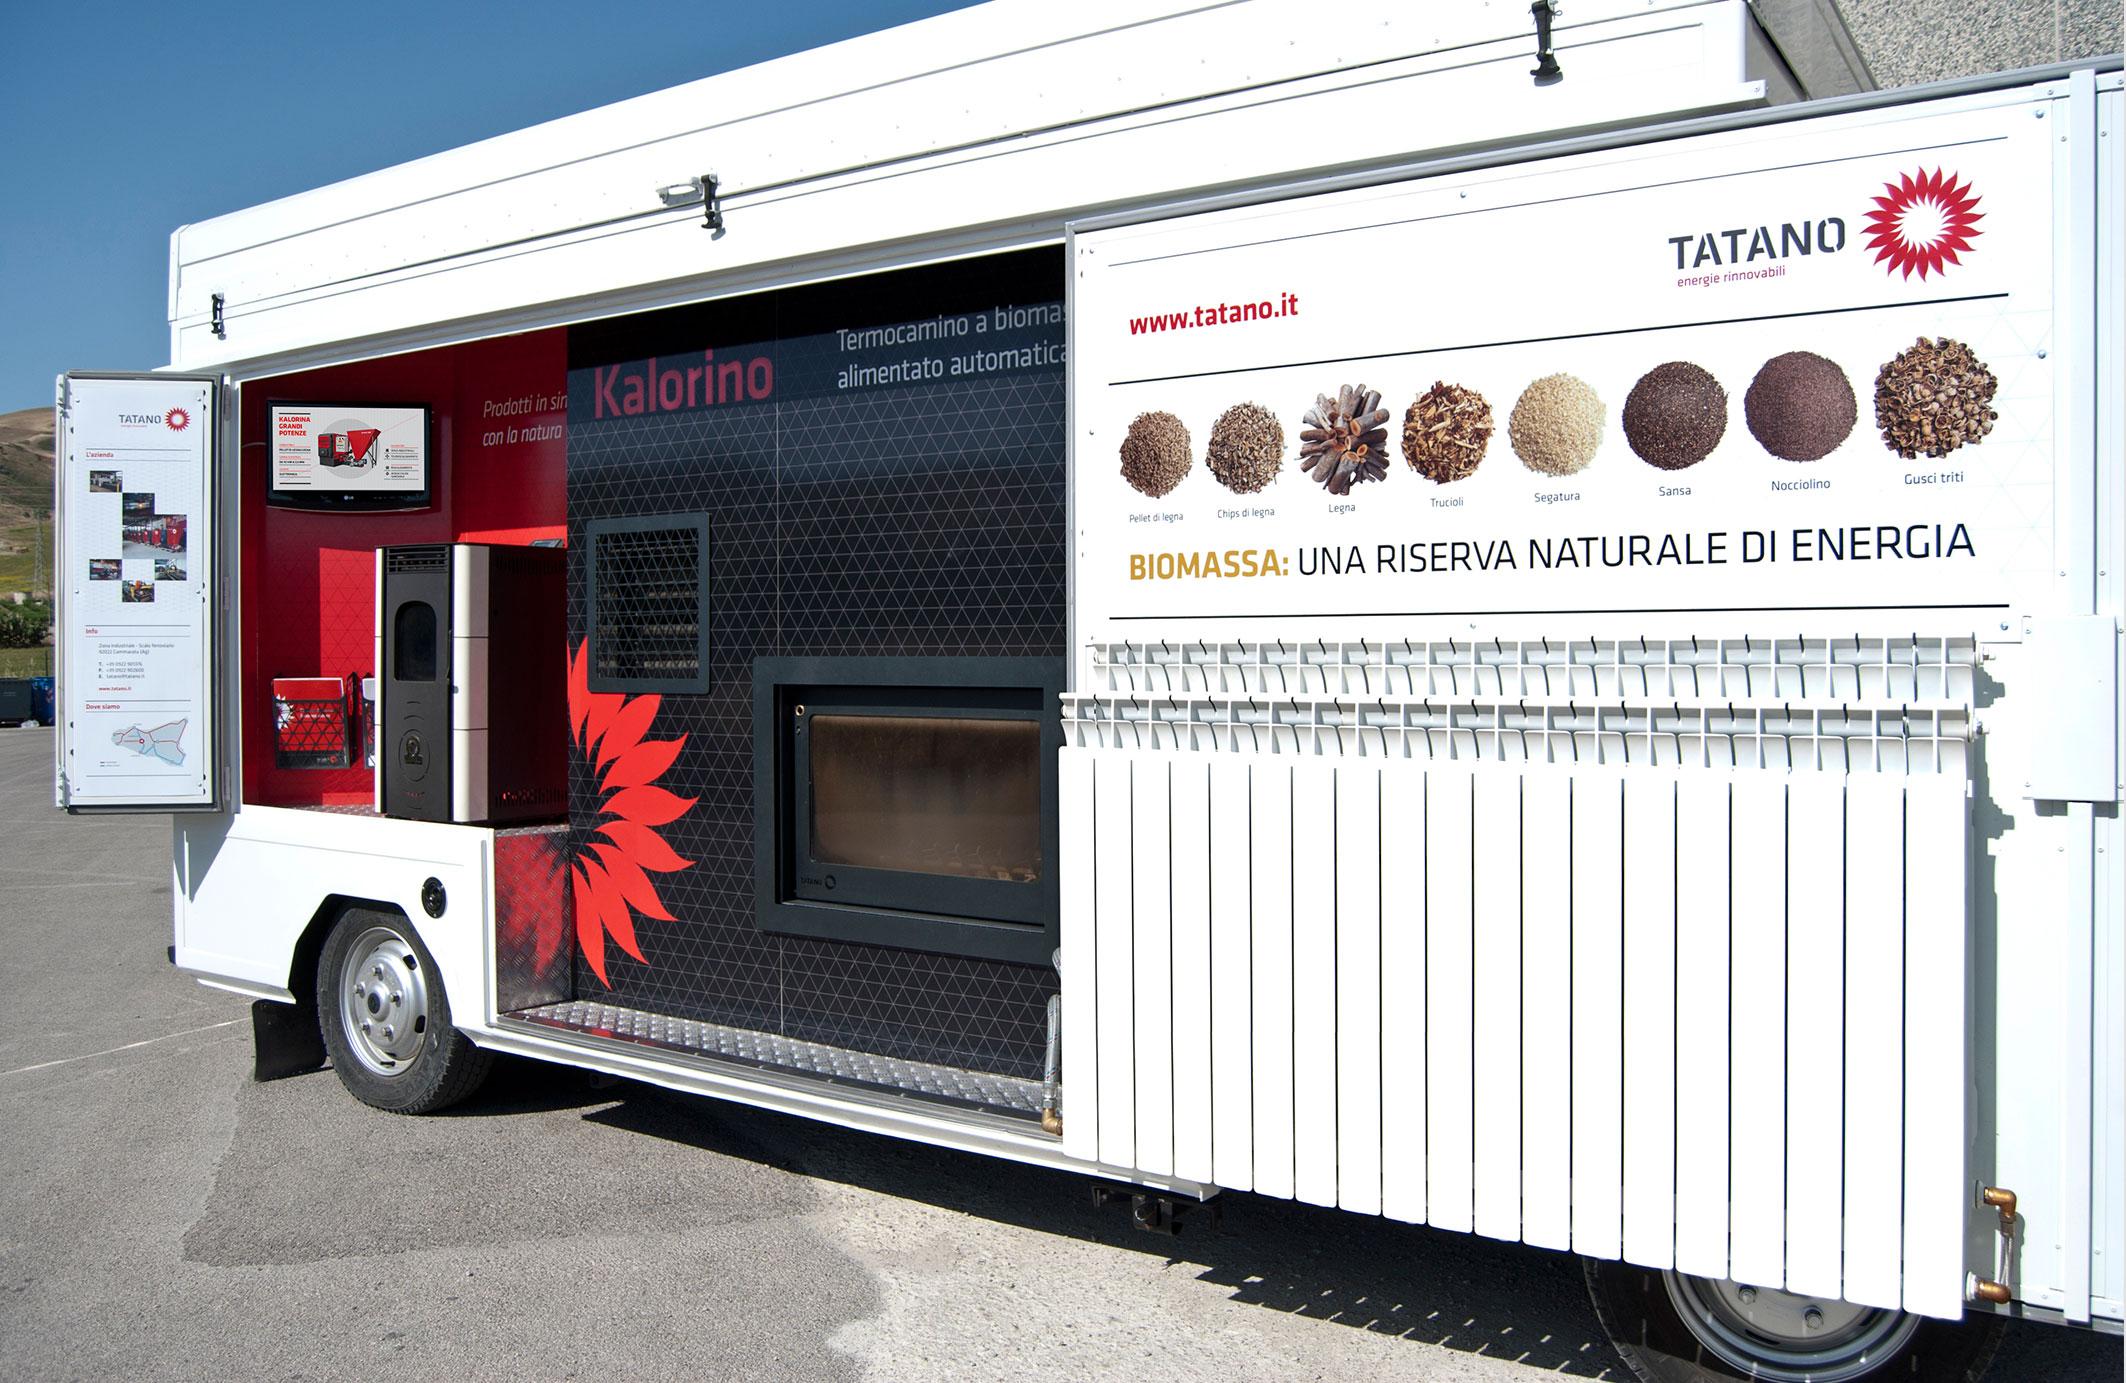 TATANO_ATELIER790_kalorbox